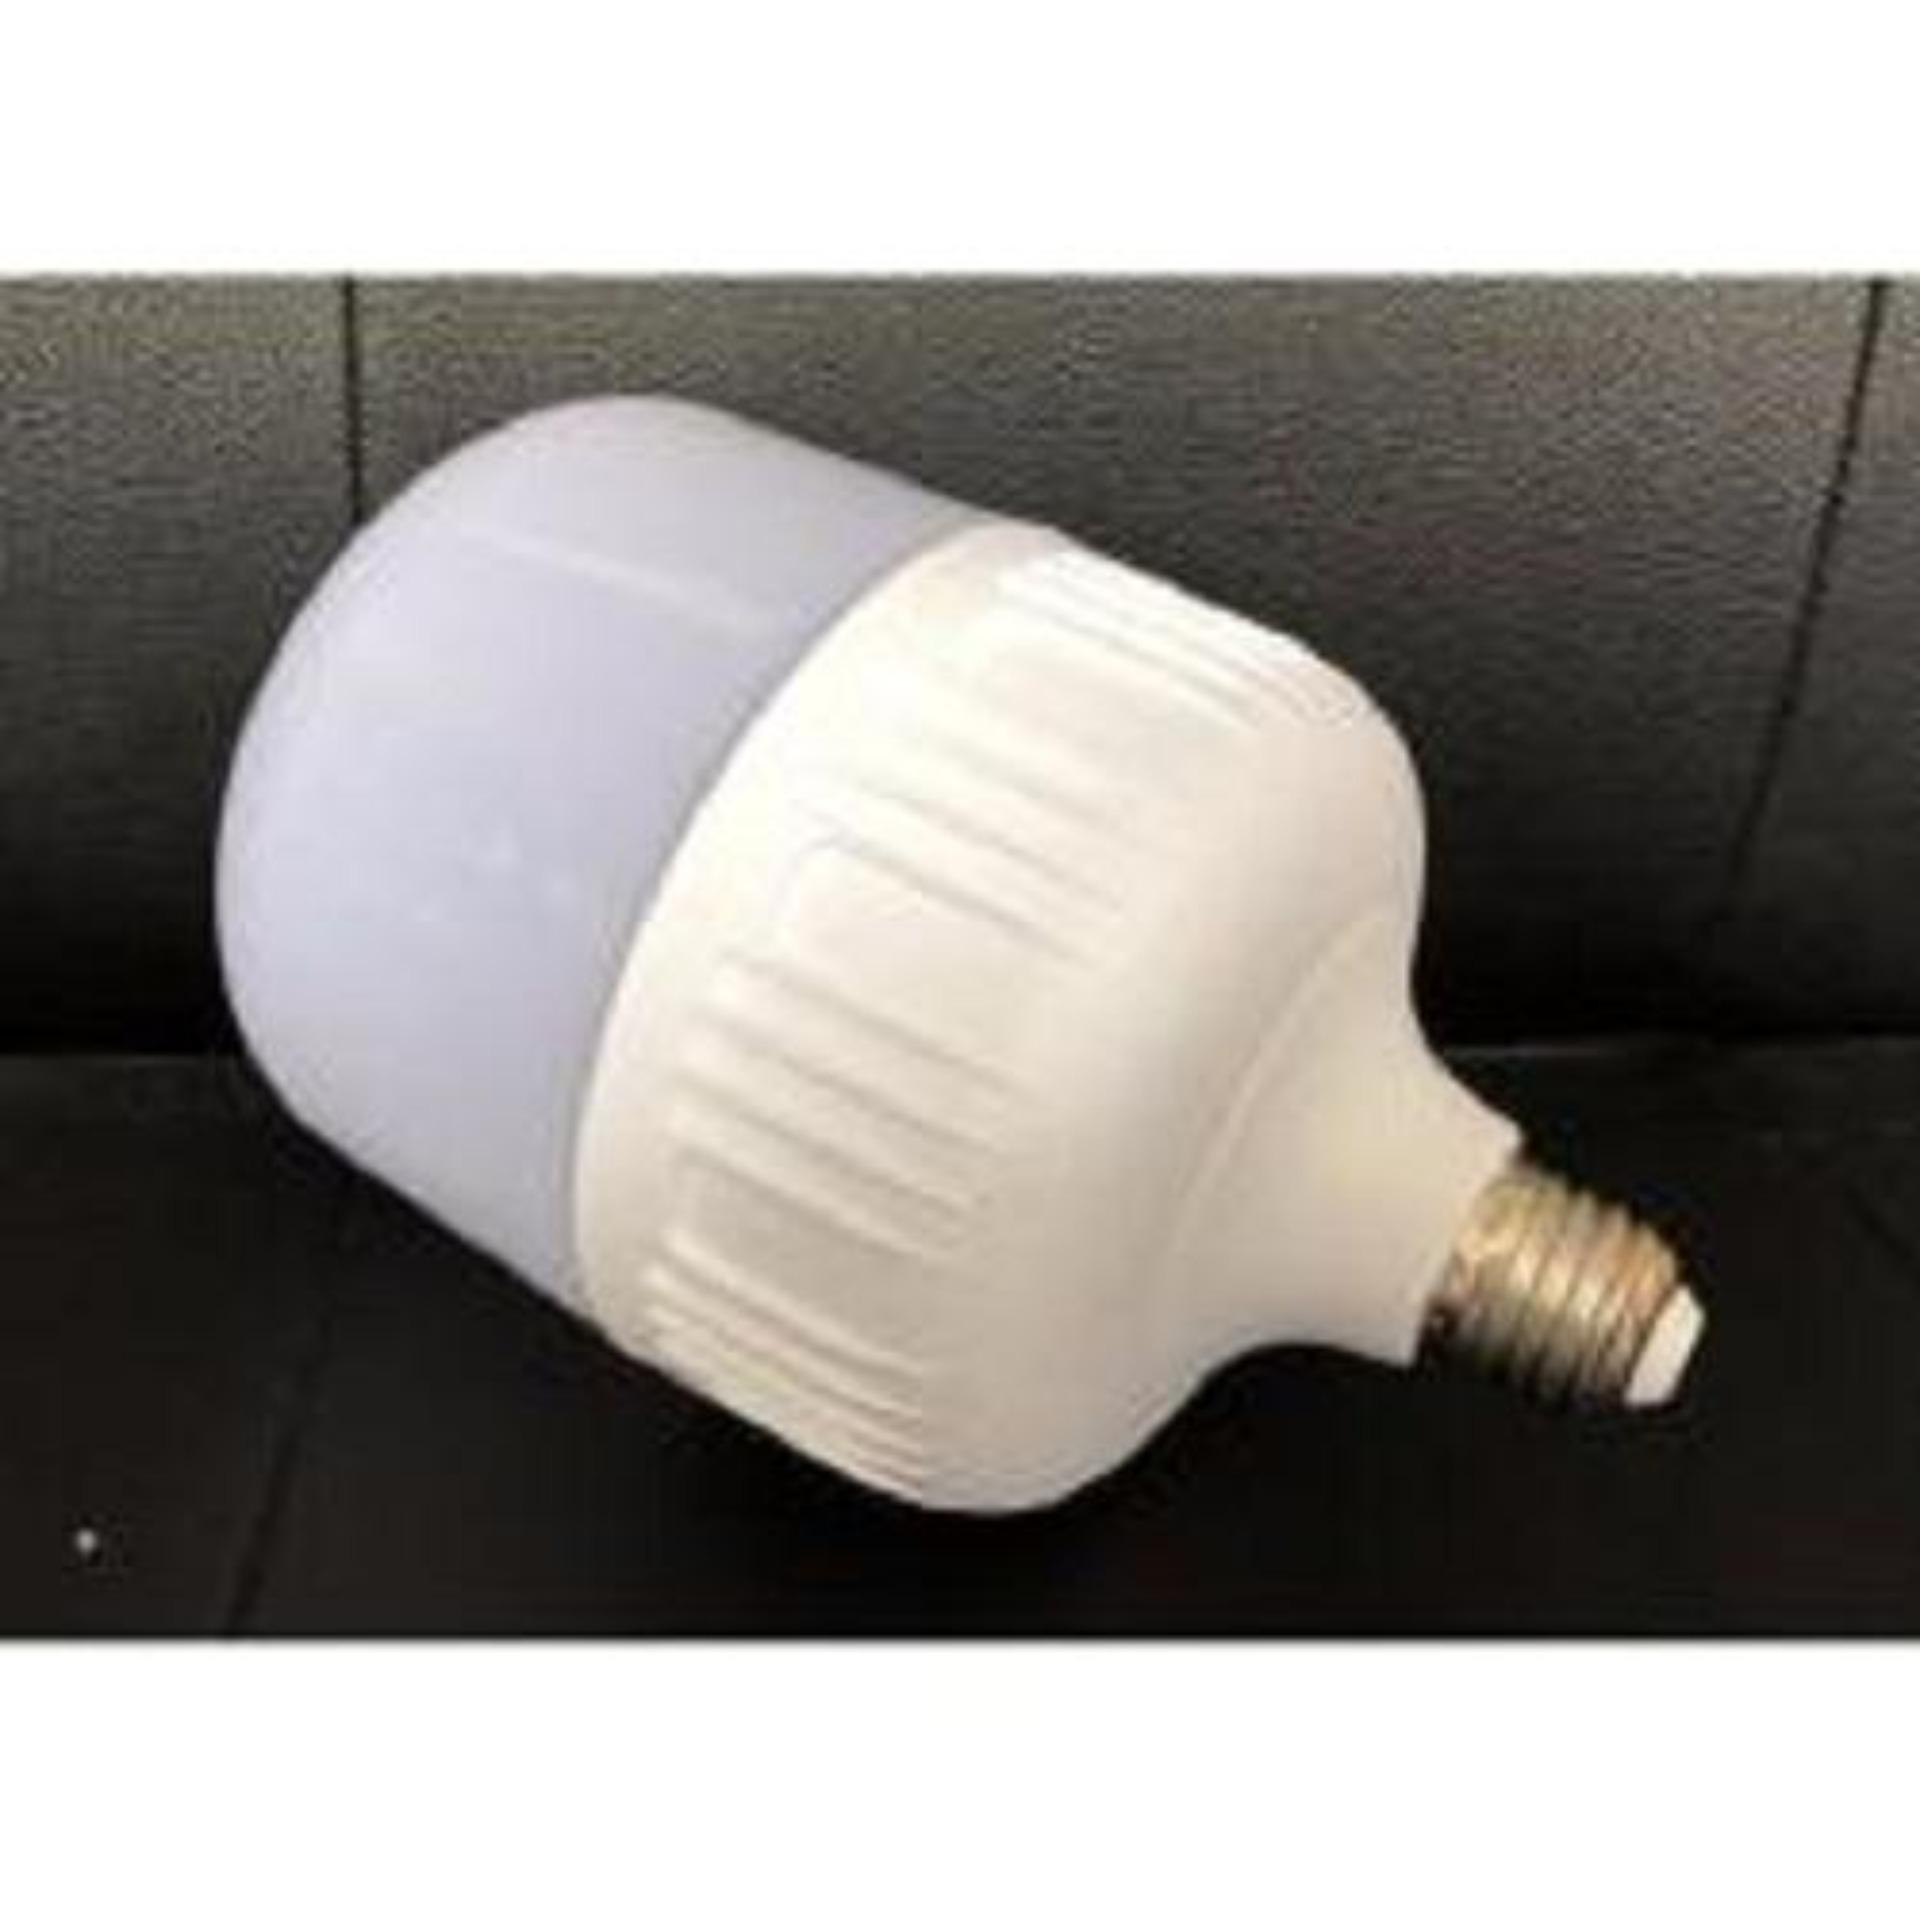 Bộ 3 bóng đèn Led trụ 30W siêu sáng tiết kiệm điện TAT đuôi E27 điện áp đầu vào 220V công suất 30W